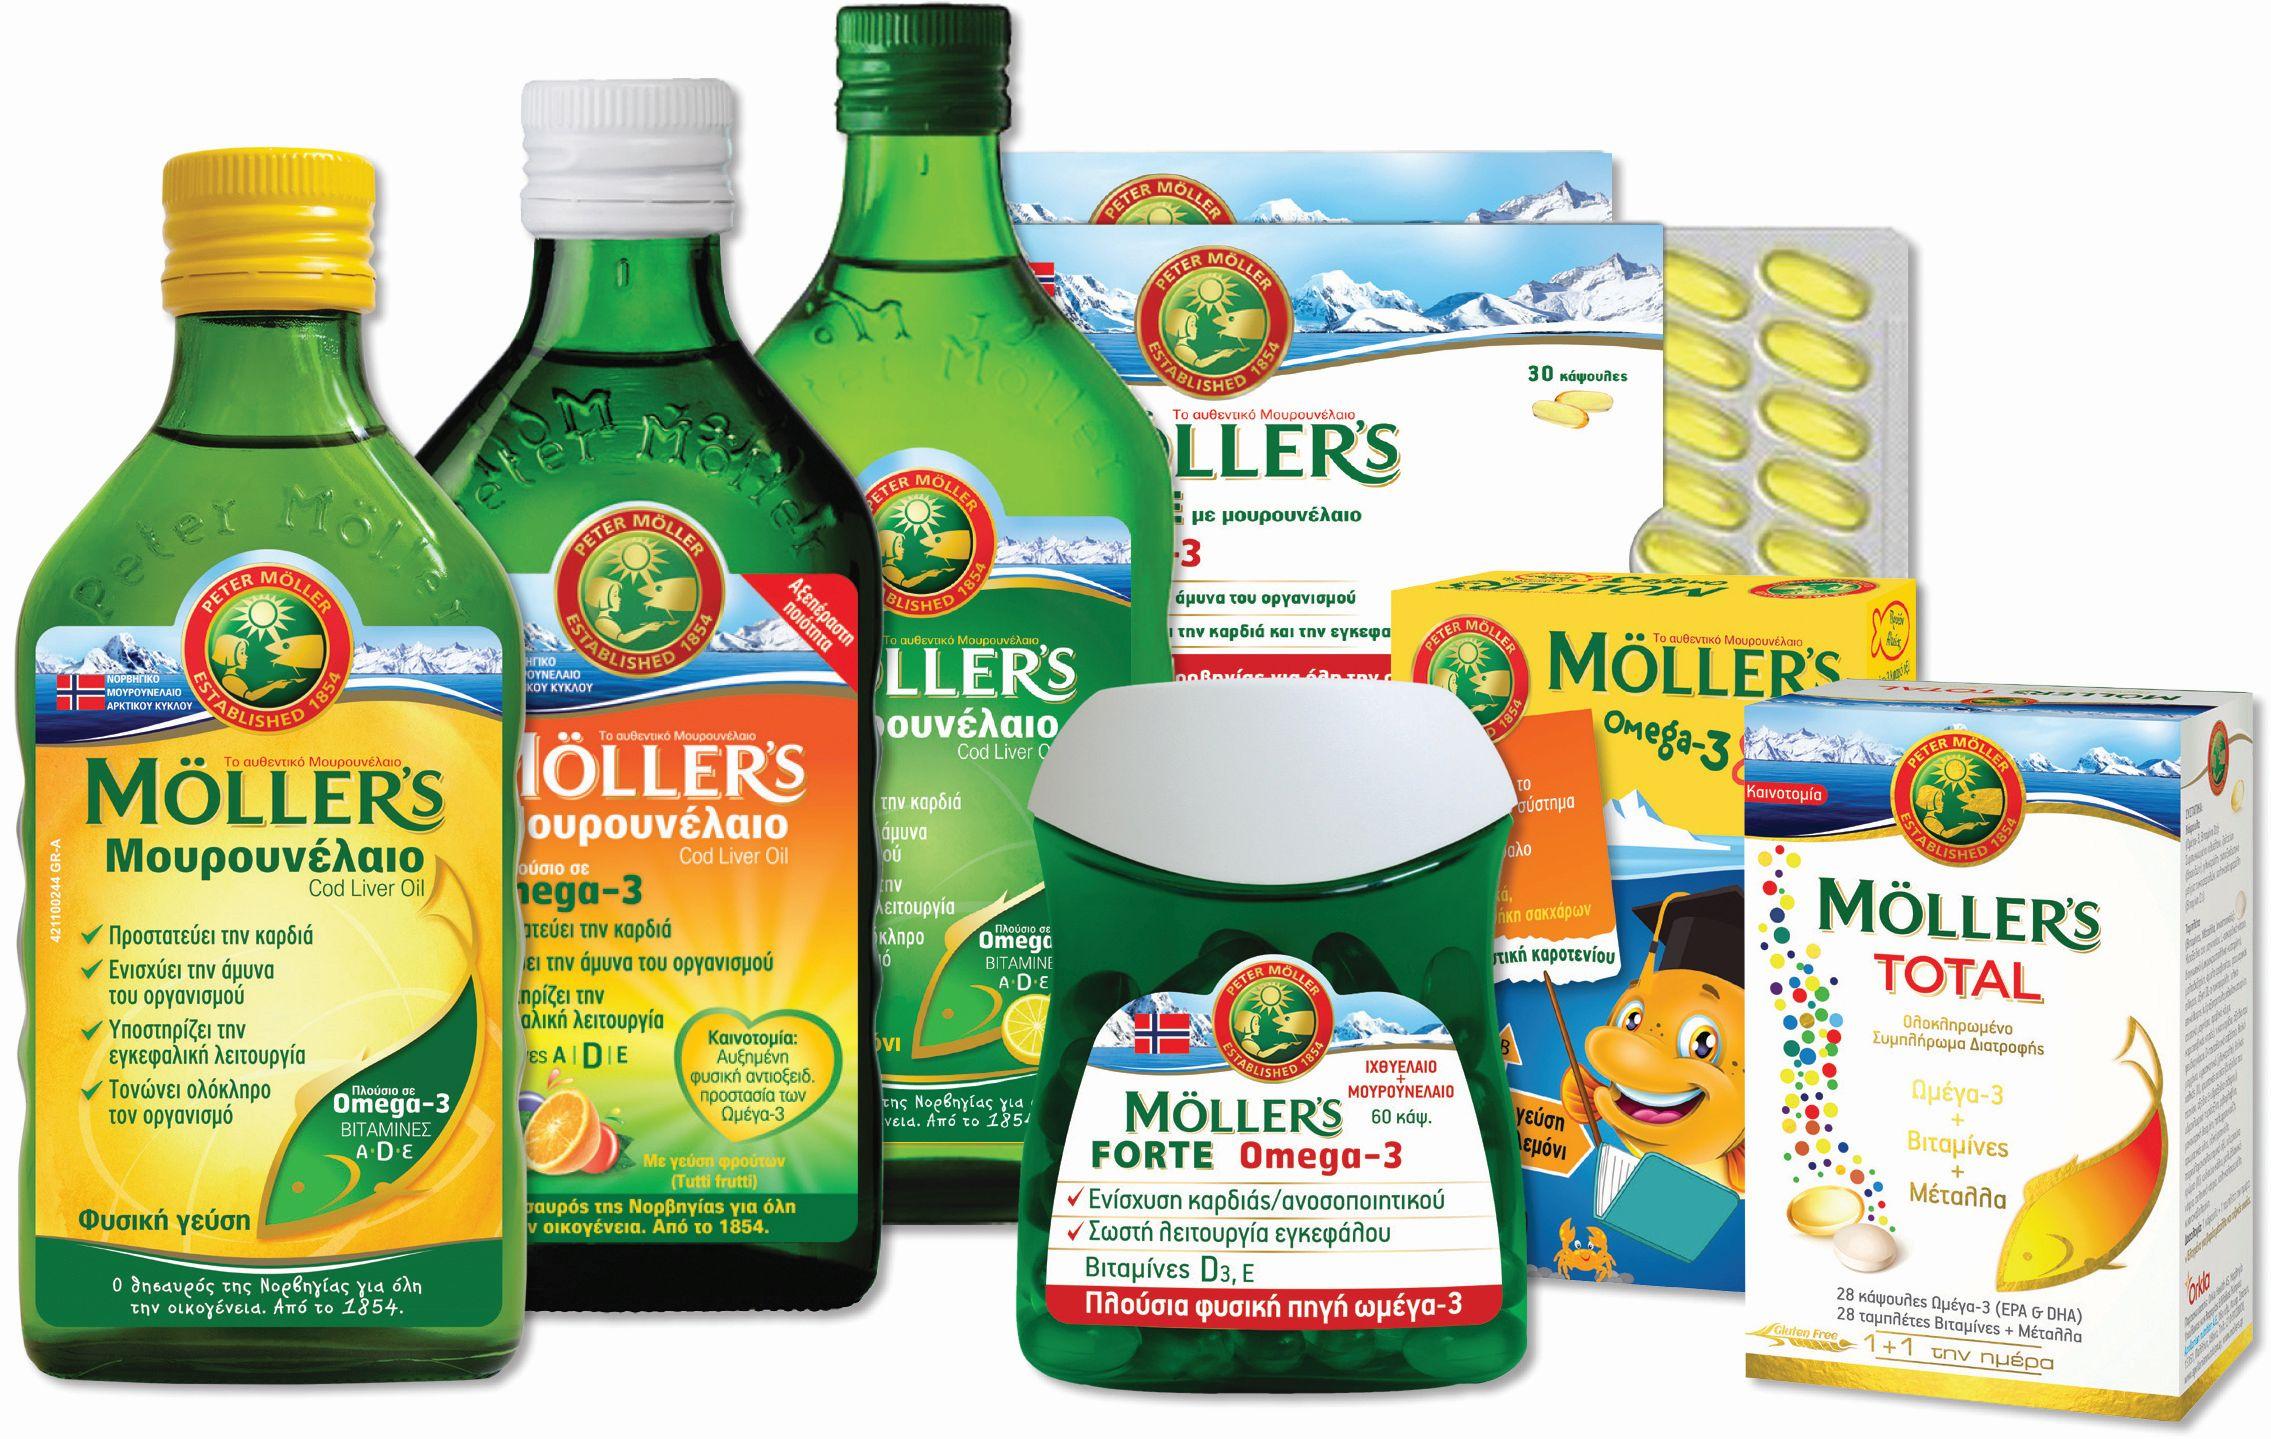 μουρουνέλαιοMOLLER'S